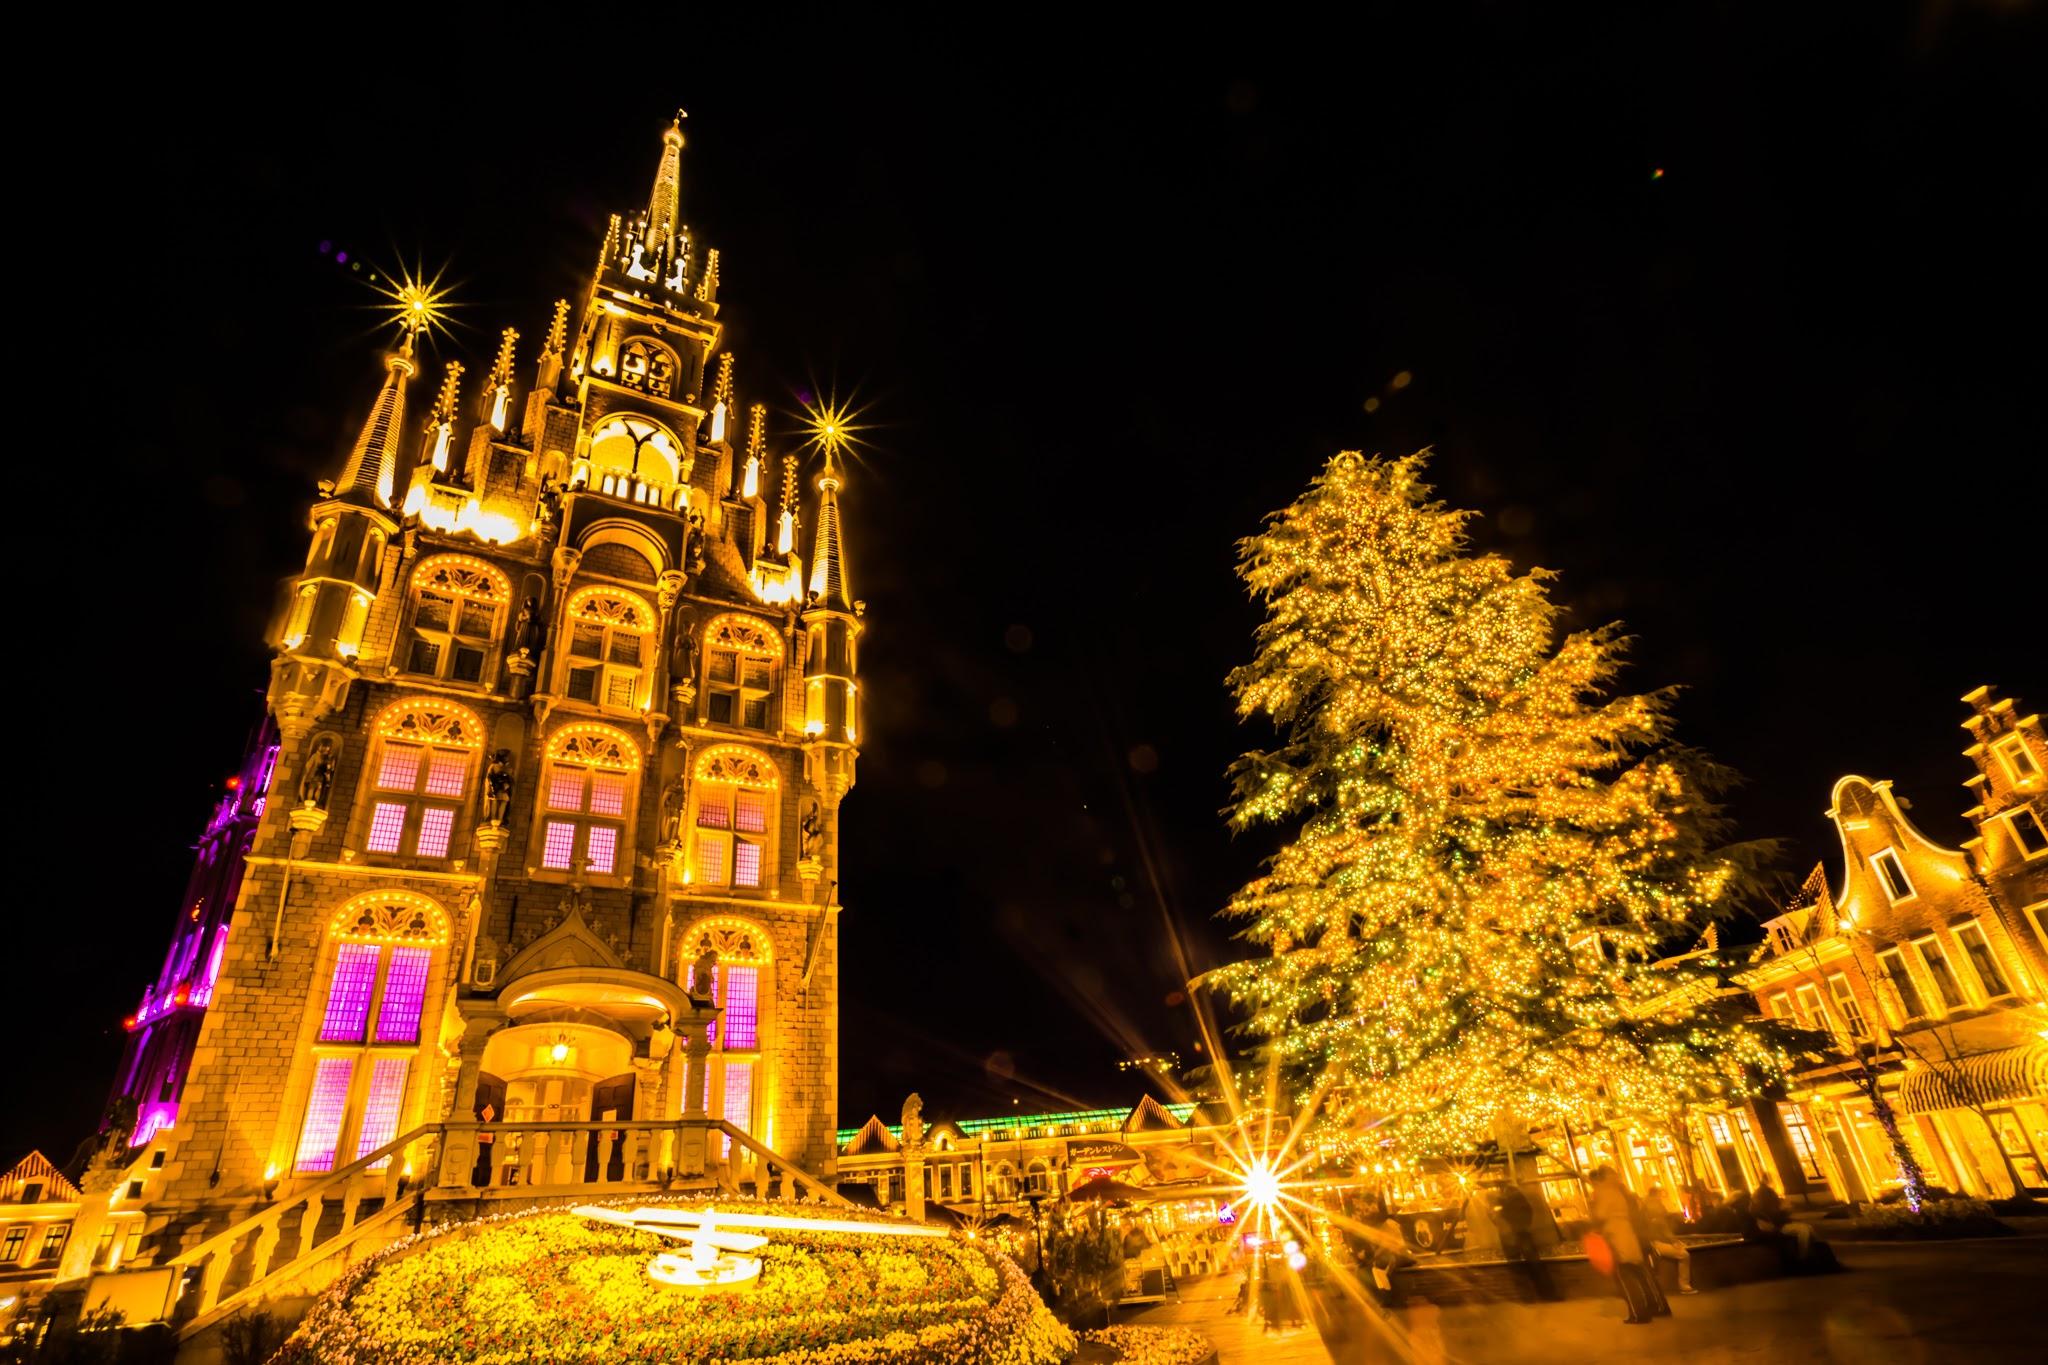 ハウステンボス イルミネーション 光の王国 アムステルダムシティ5